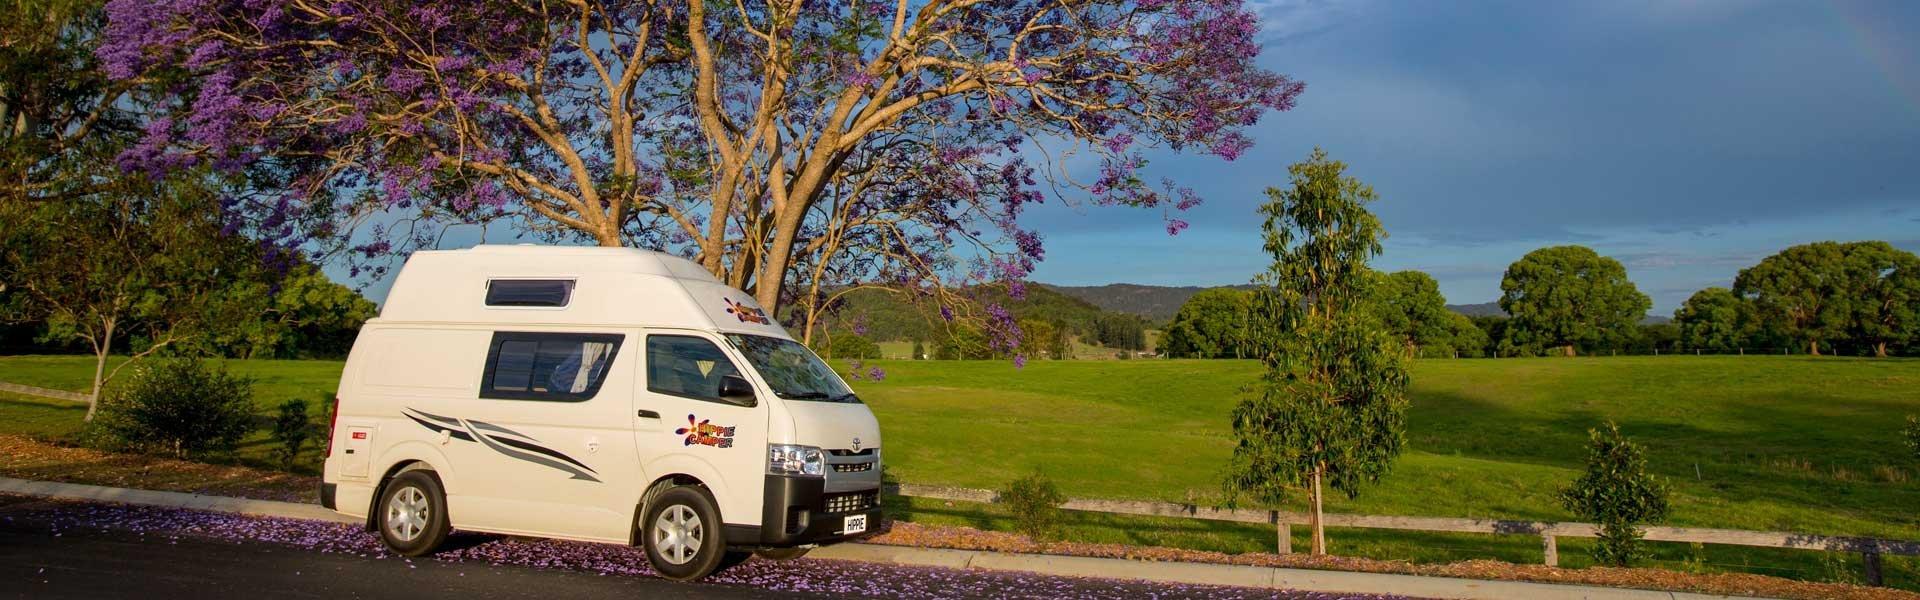 Boek een camper van Hippie en ontdek Nieuw-Zeeland